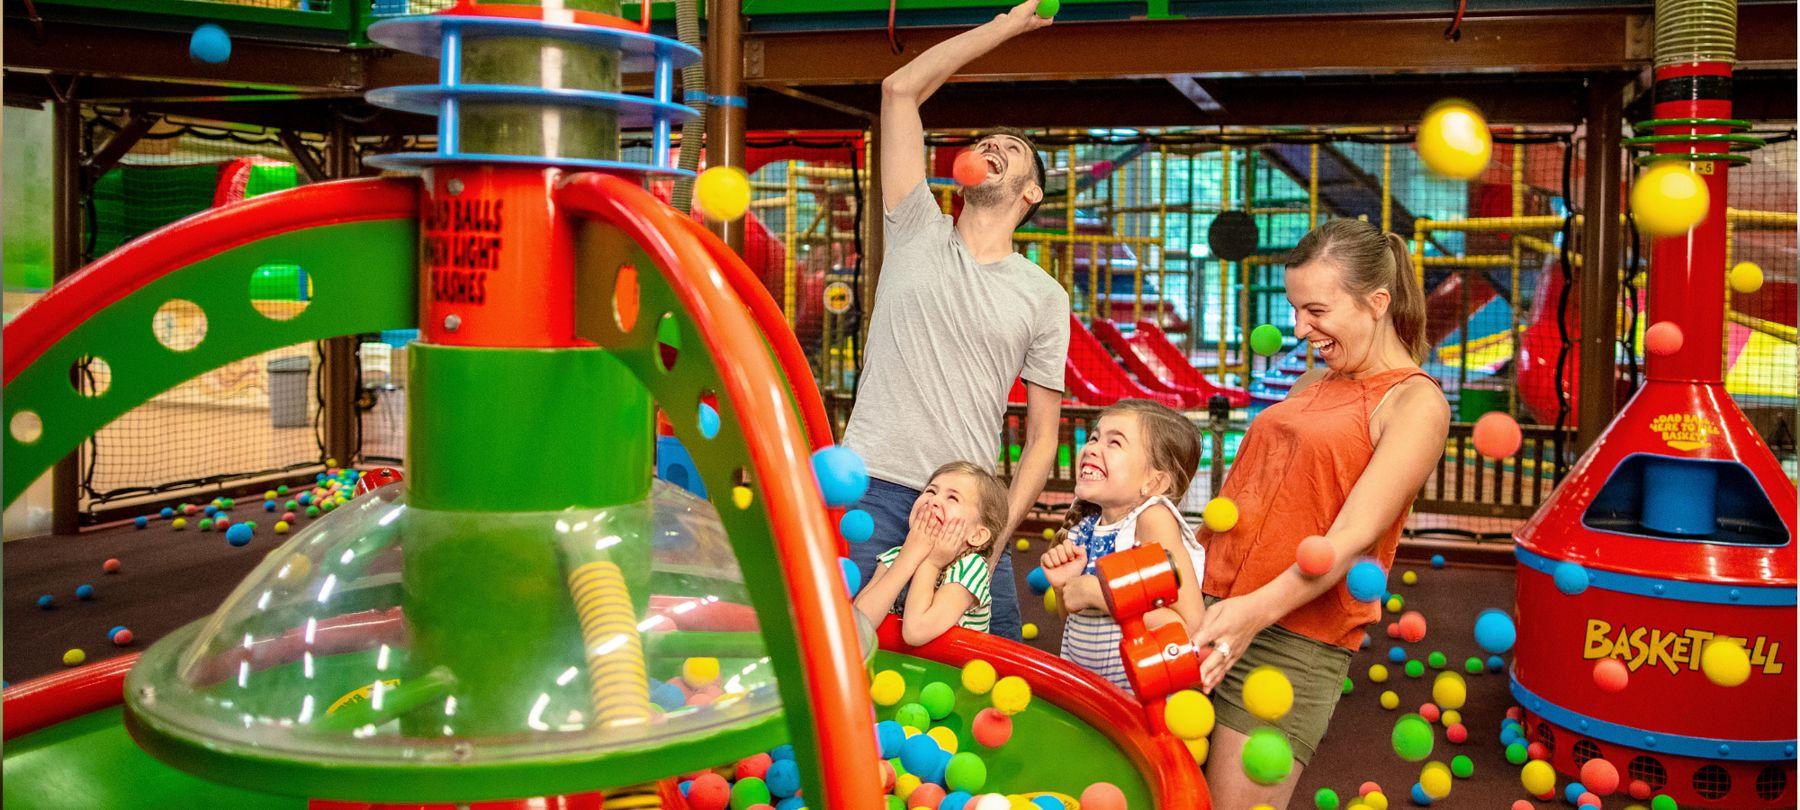 Top 4 Des Meilleures Activités Pour Les Moins De 5 Ans dedans Jeux Enfant De 5 Ans